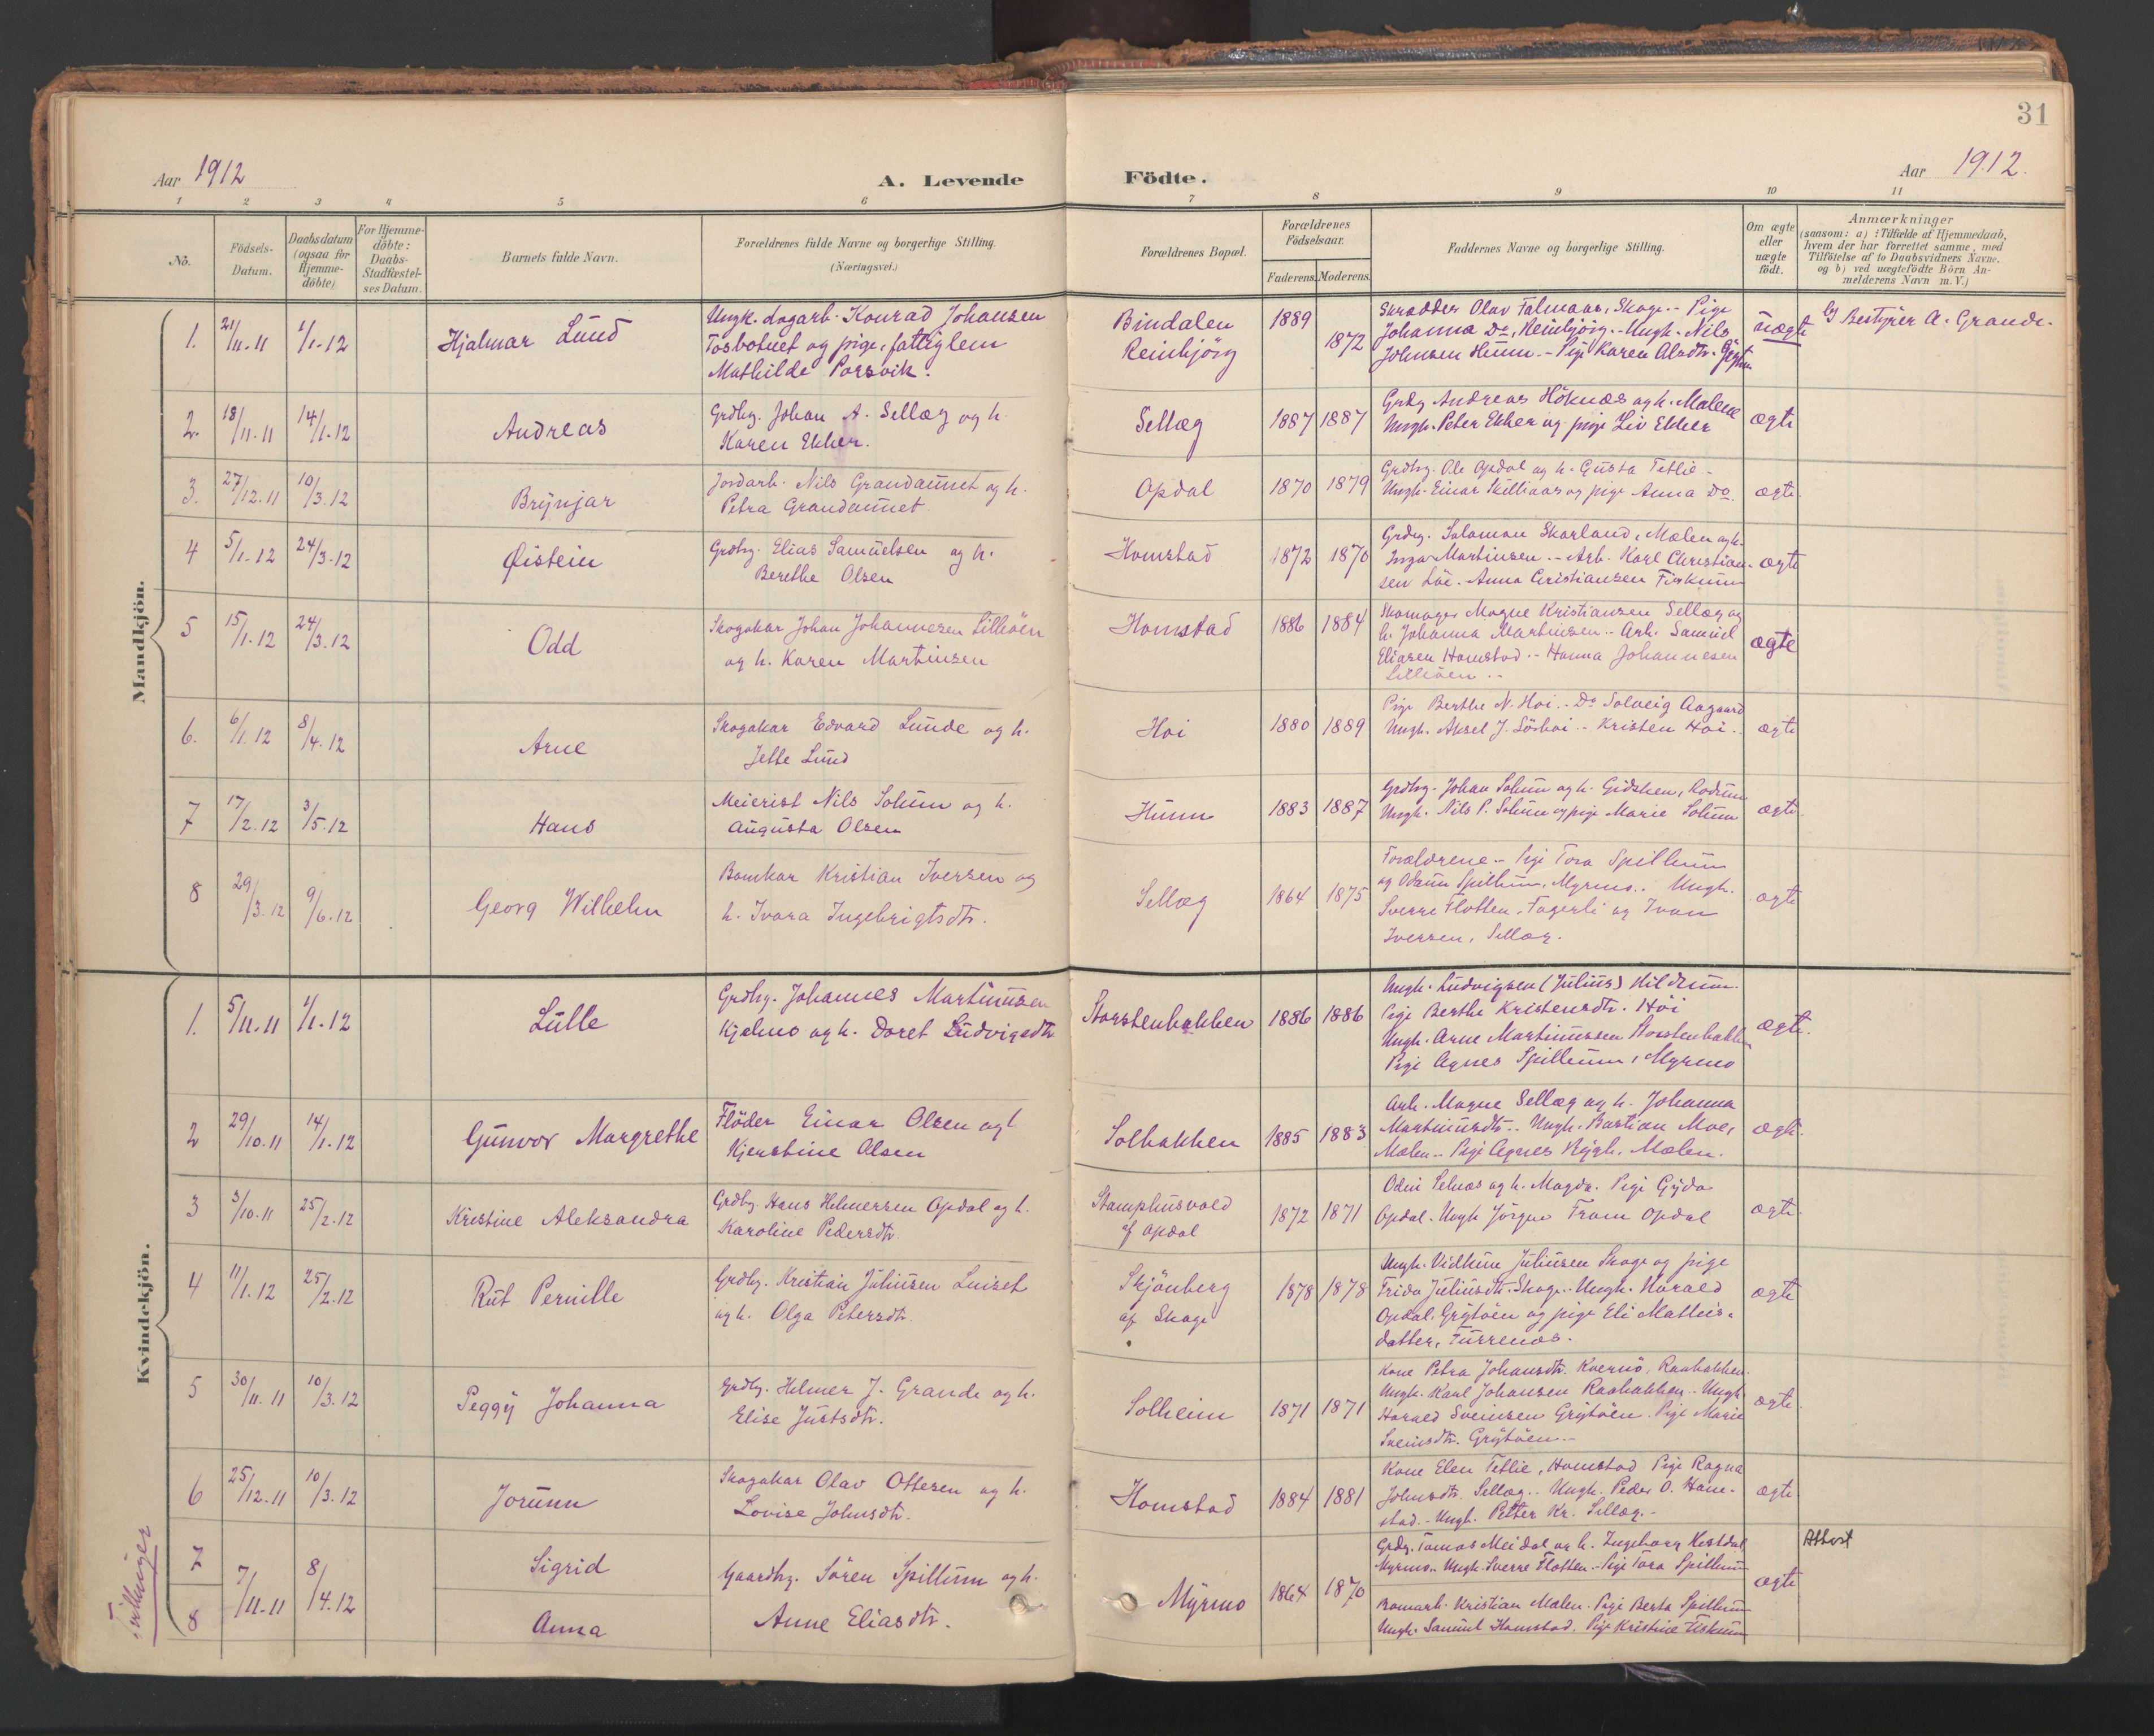 SAT, Ministerialprotokoller, klokkerbøker og fødselsregistre - Nord-Trøndelag, 766/L0564: Ministerialbok nr. 767A02, 1900-1932, s. 31